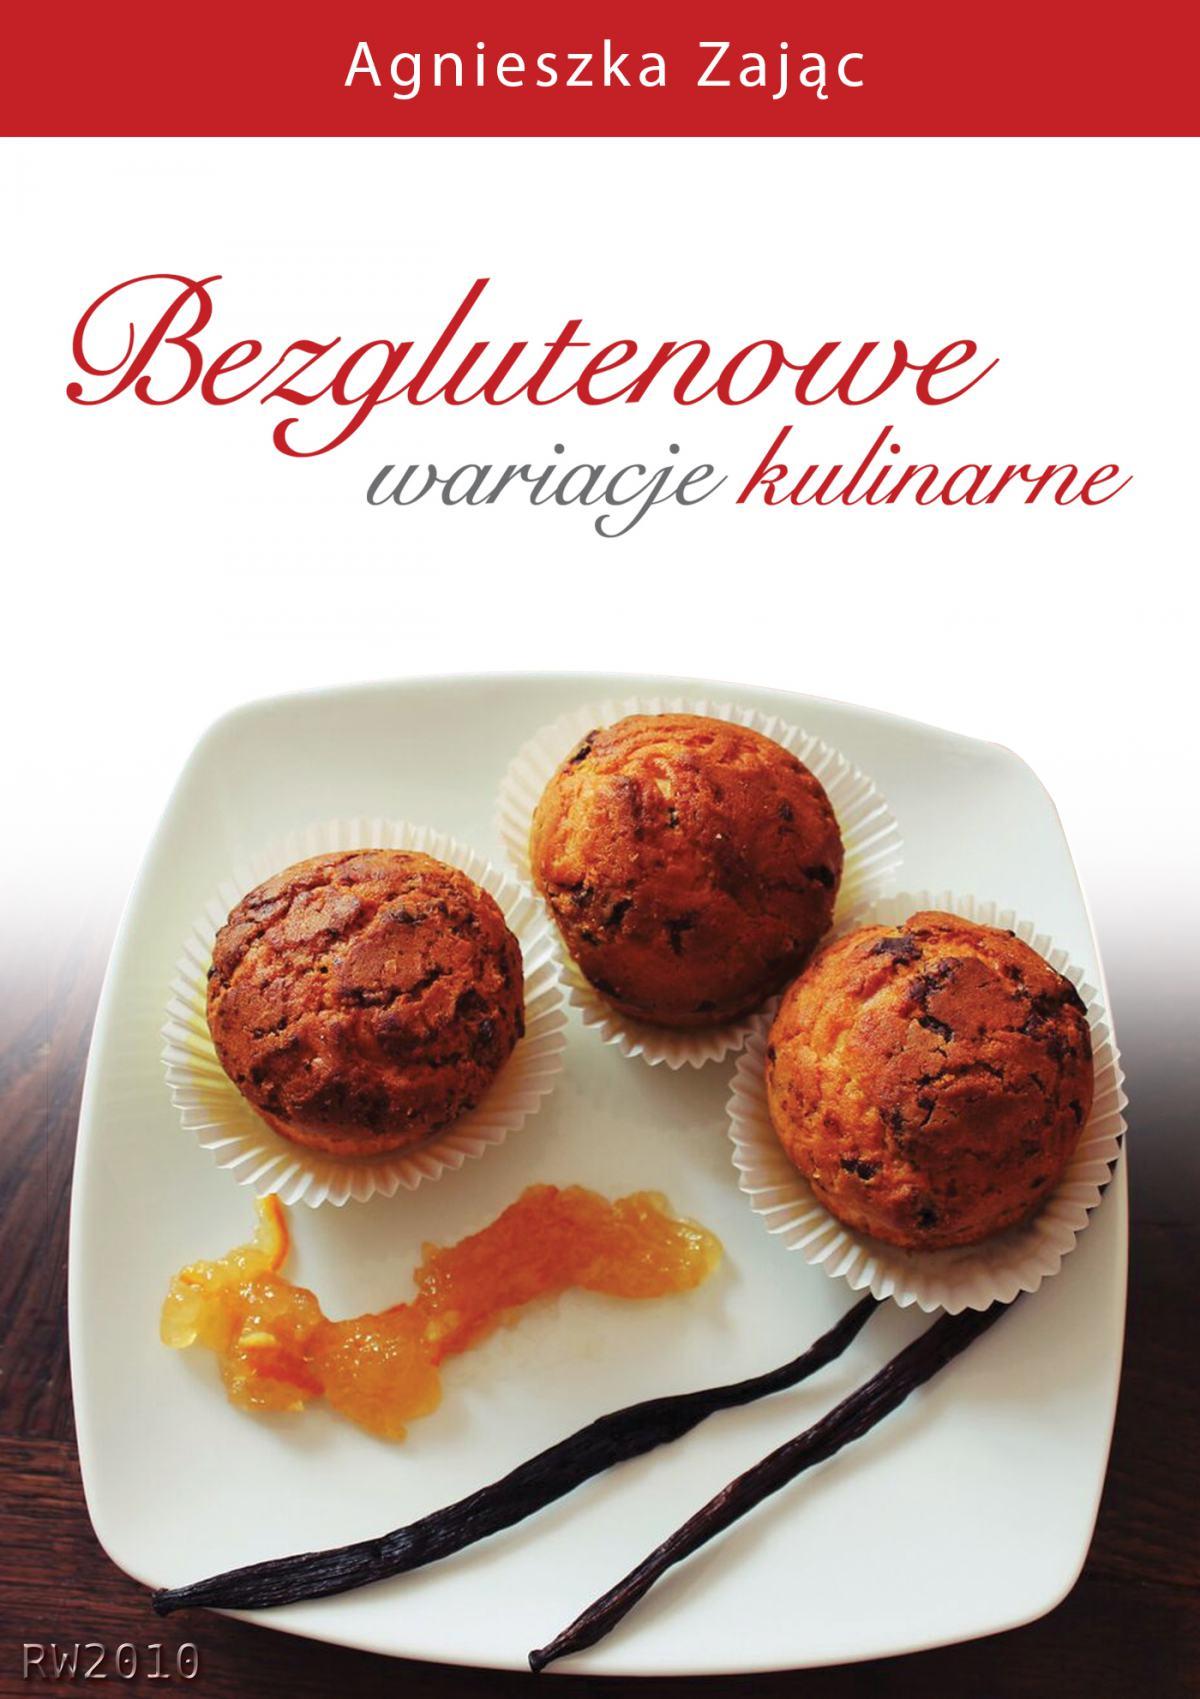 Bezglutenowe wariacje kulinarne - Ebook (Książka PDF) do pobrania w formacie PDF